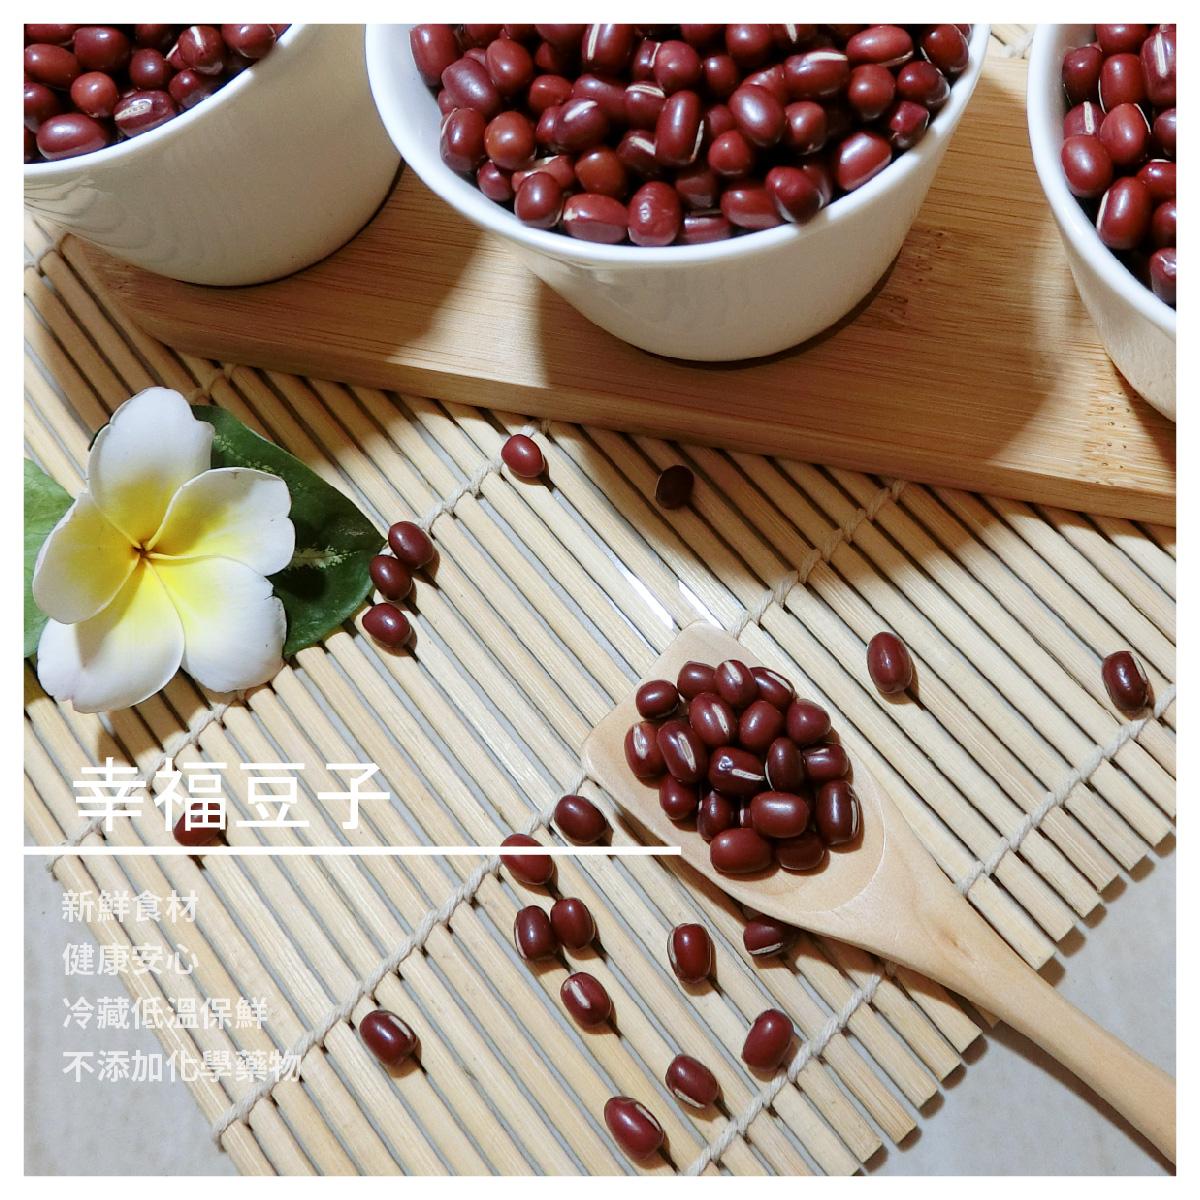 【新勝裕幸福種子店】幸福豆子:台灣黑豆/台灣黃豆/屏東紅豆/台灣黑米/台灣毛綠豆